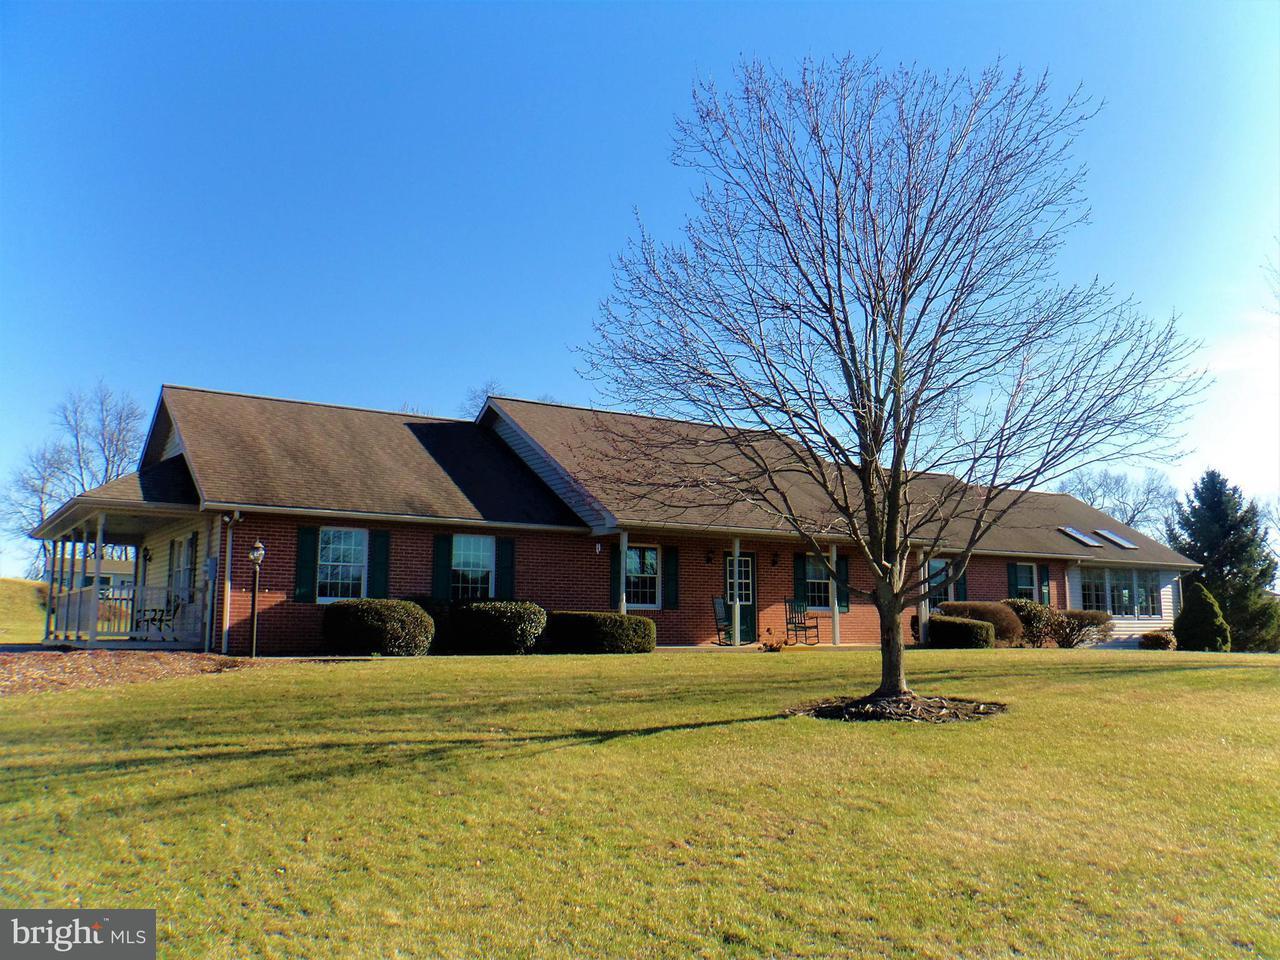 단독 가정 주택 용 매매 에 12588 Garnes Road 12588 Garnes Road Mercersburg, 펜실바니아 17236 미국